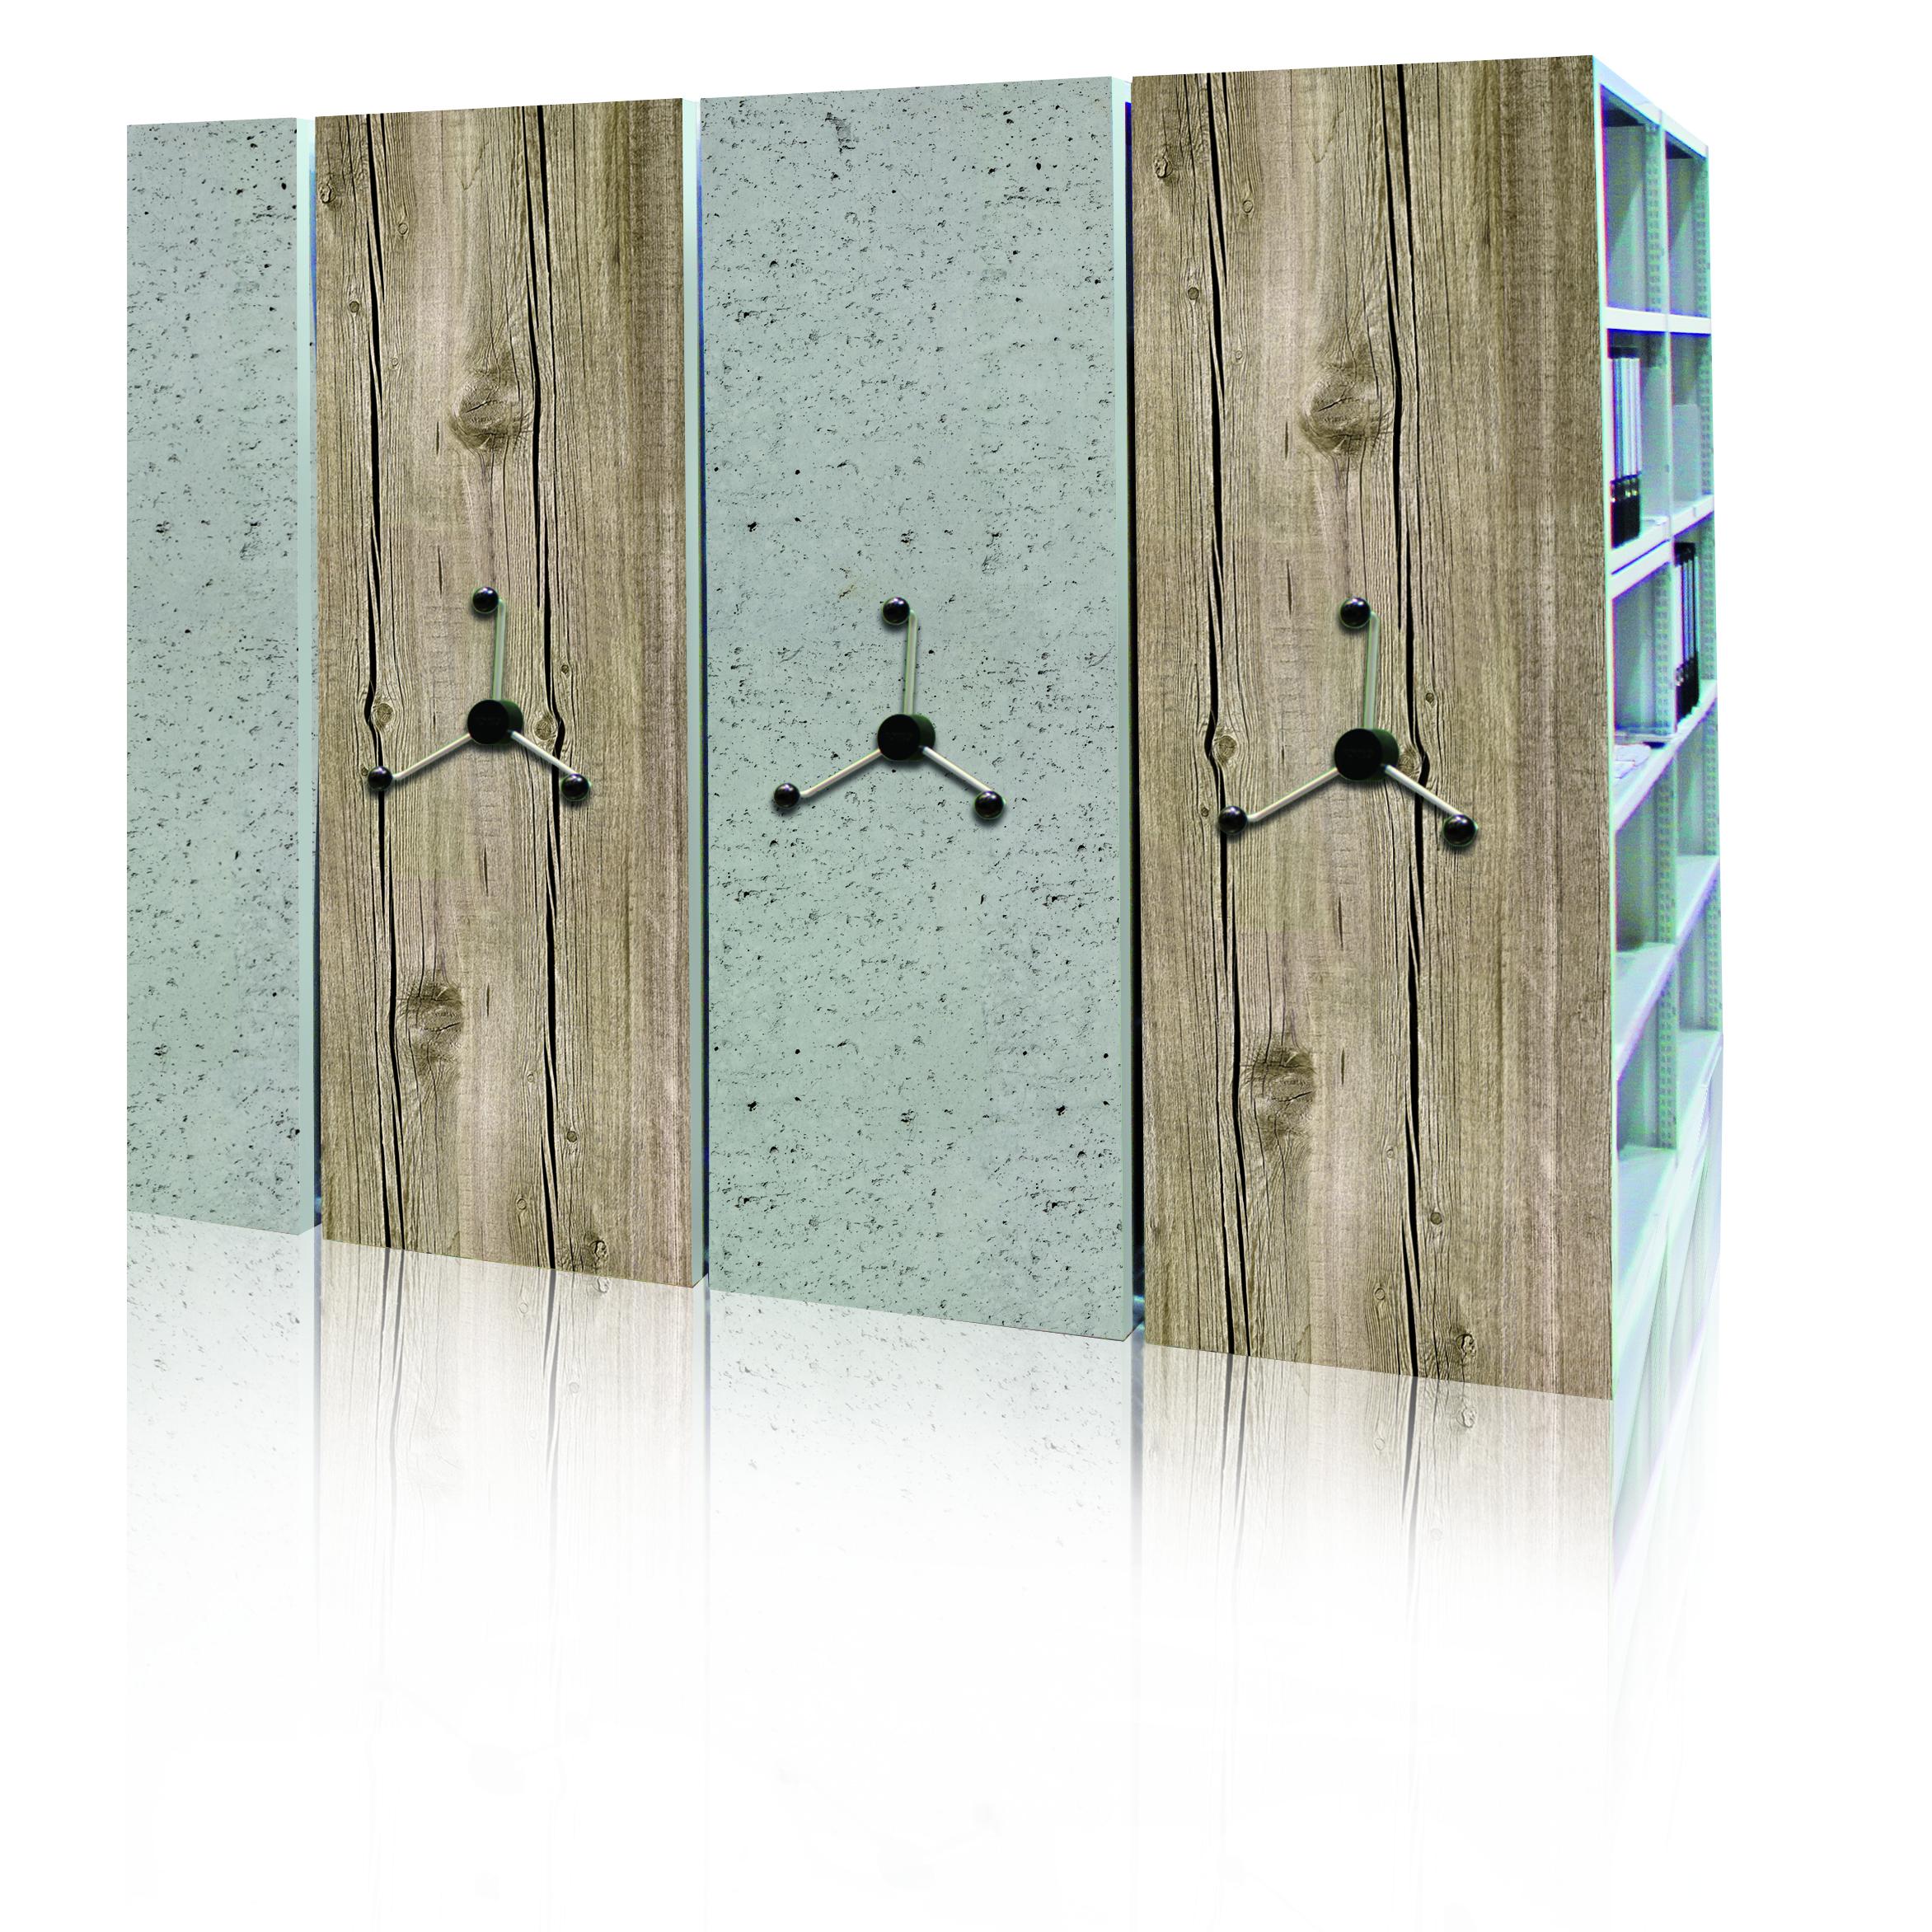 Forster rayonnages d'archives sur faux-plancher avec panneau de finition décor spécial